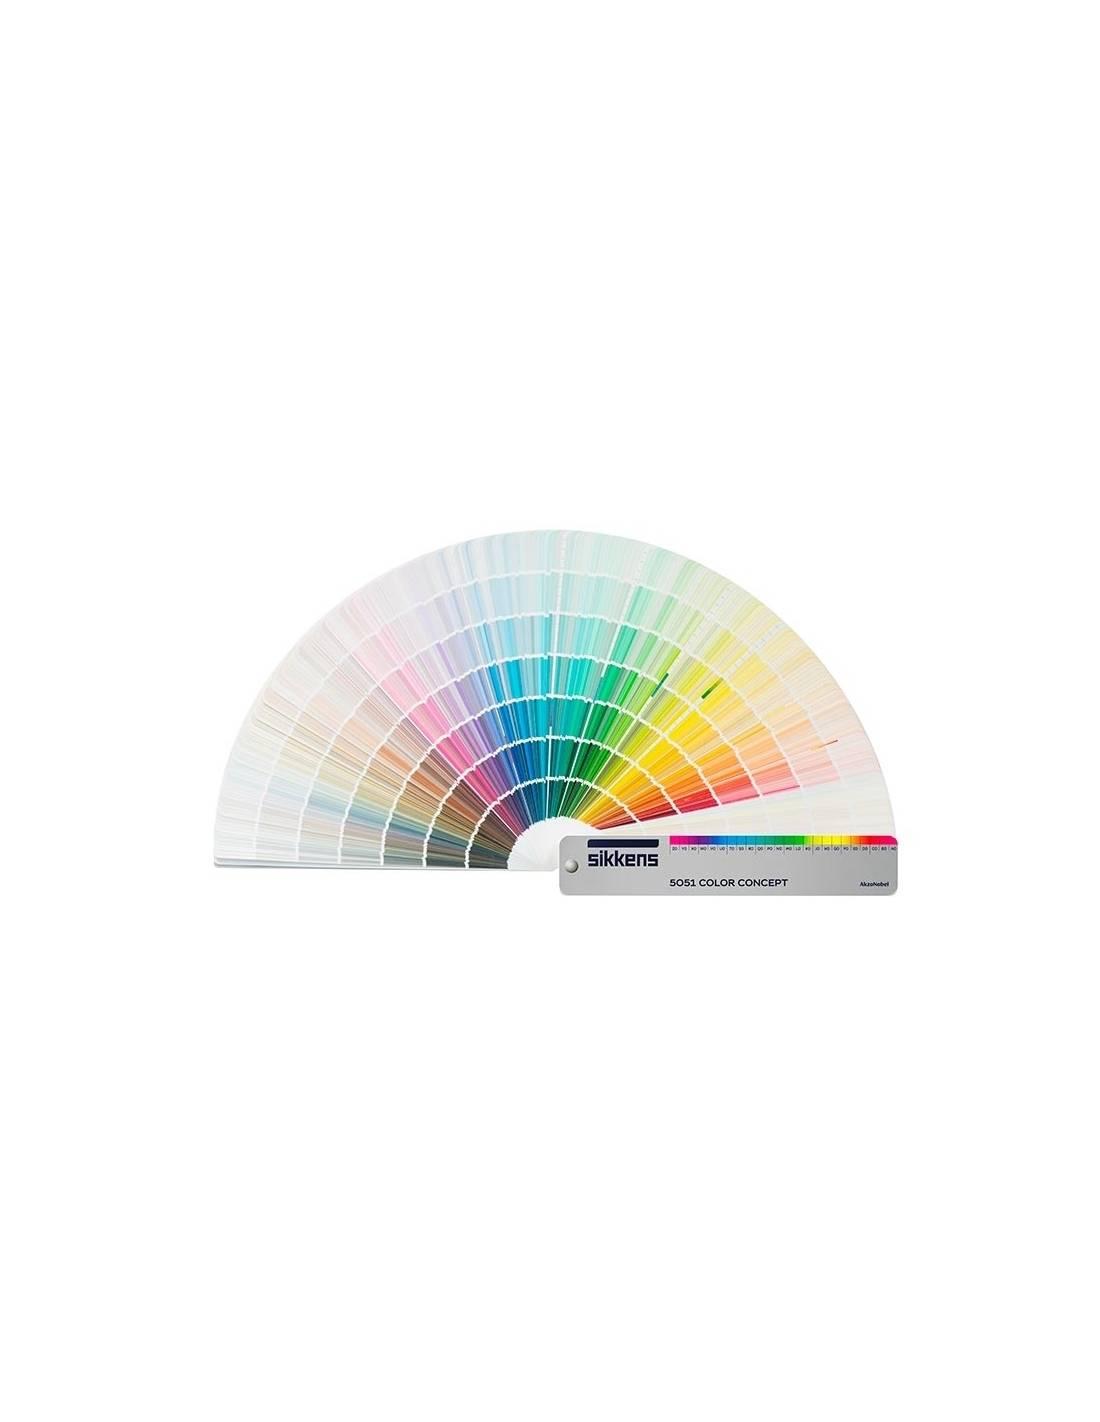 SIKKENS Mazzetta colore SIKKENS 5051 COLOR CONCEPT acquista online